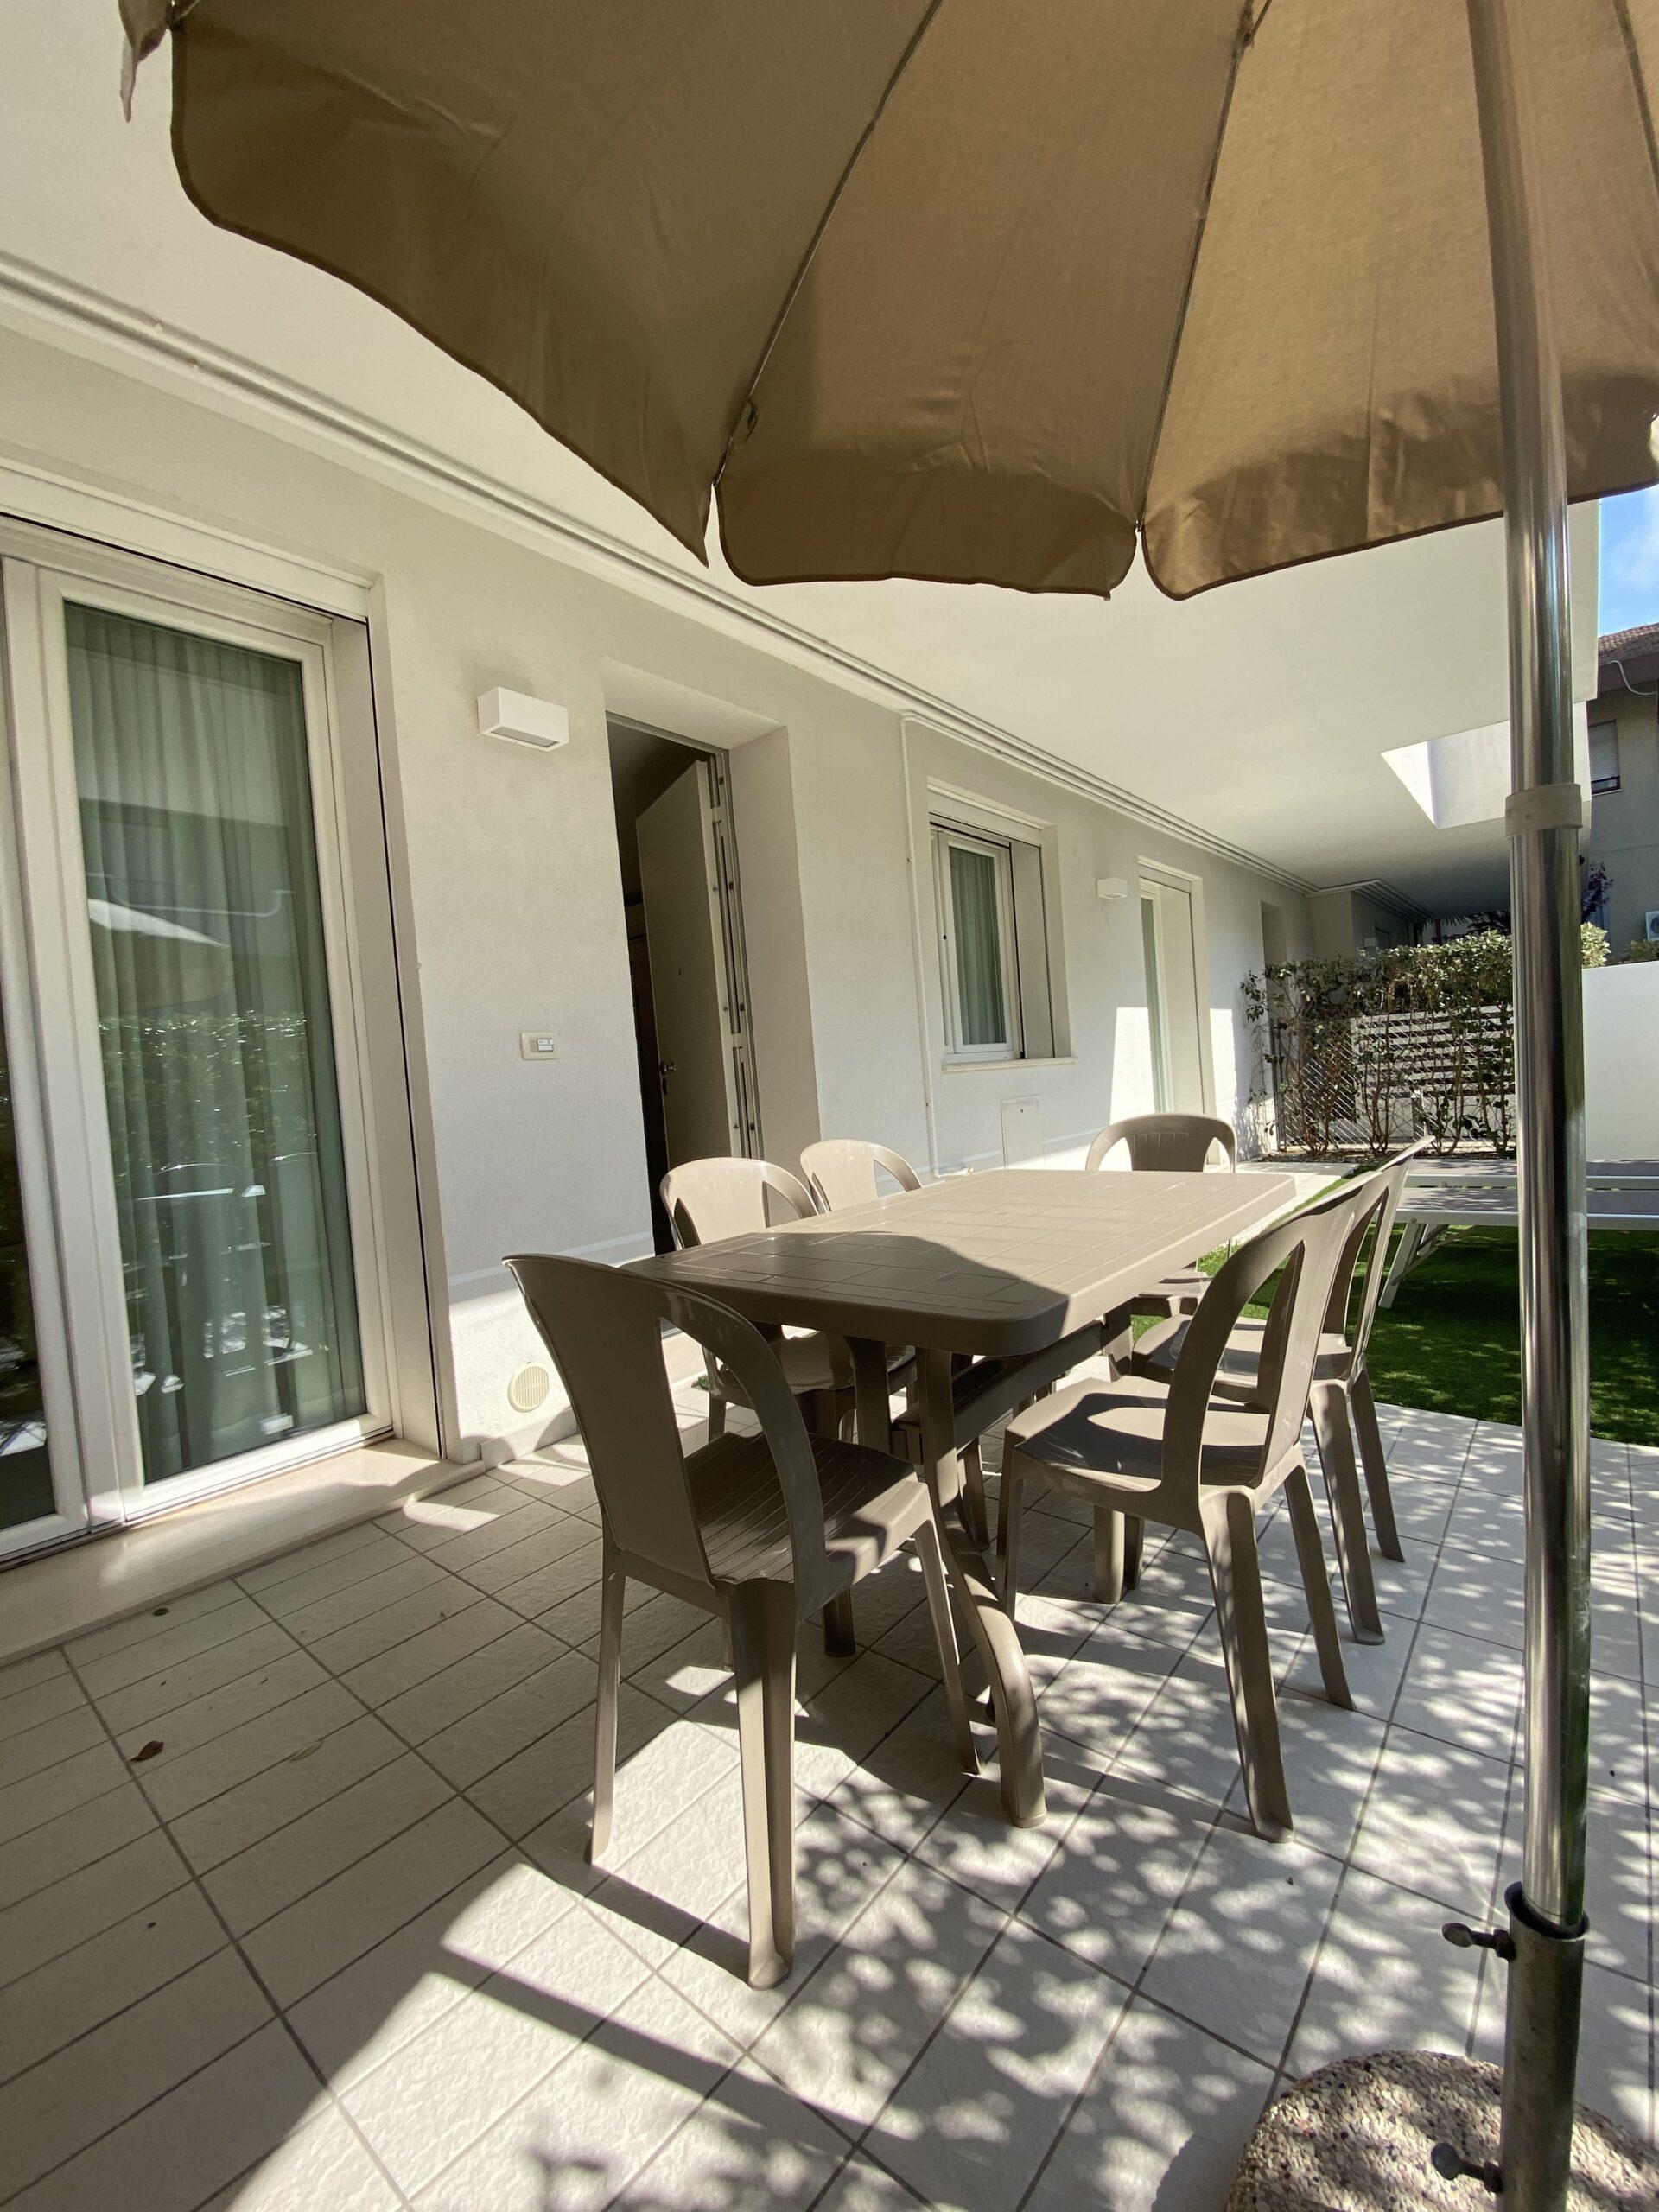 Appartamento al piano terra con giardino esclusivo in condominio di nuova costruzione settembre